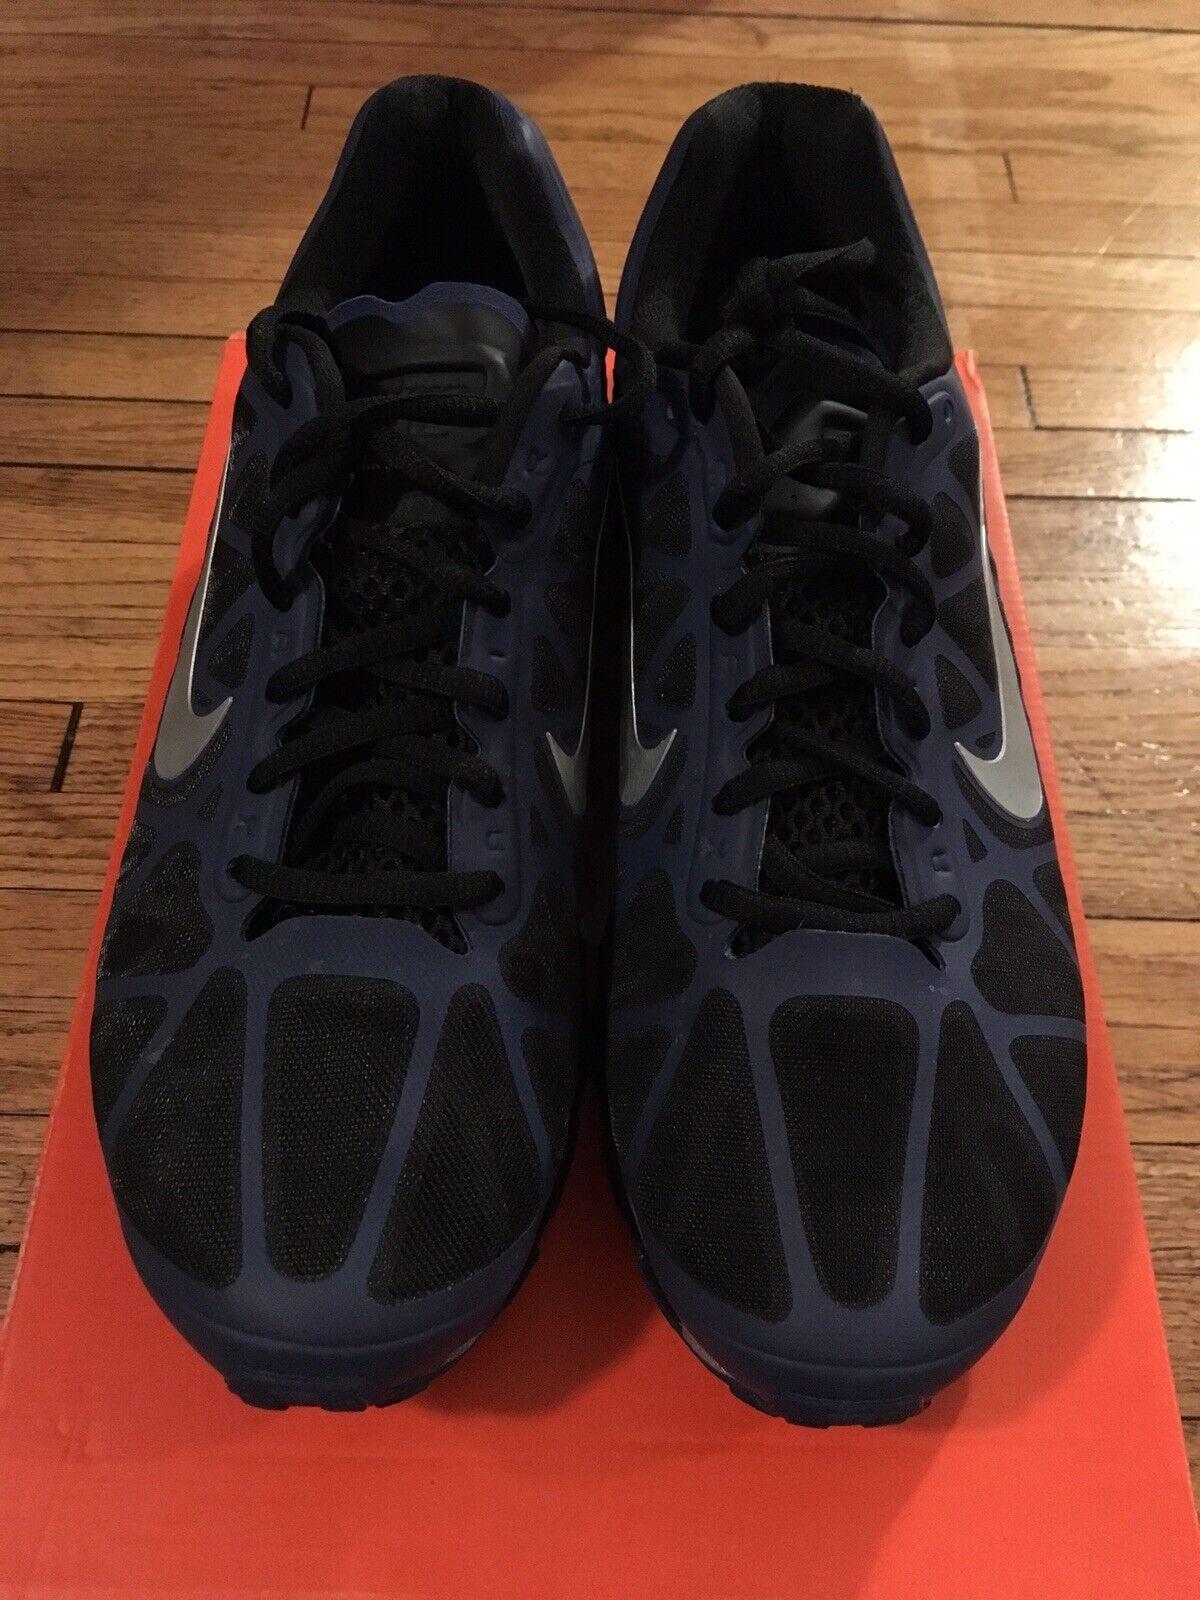 Men's Nike Air Max + 2011 Size 8.5